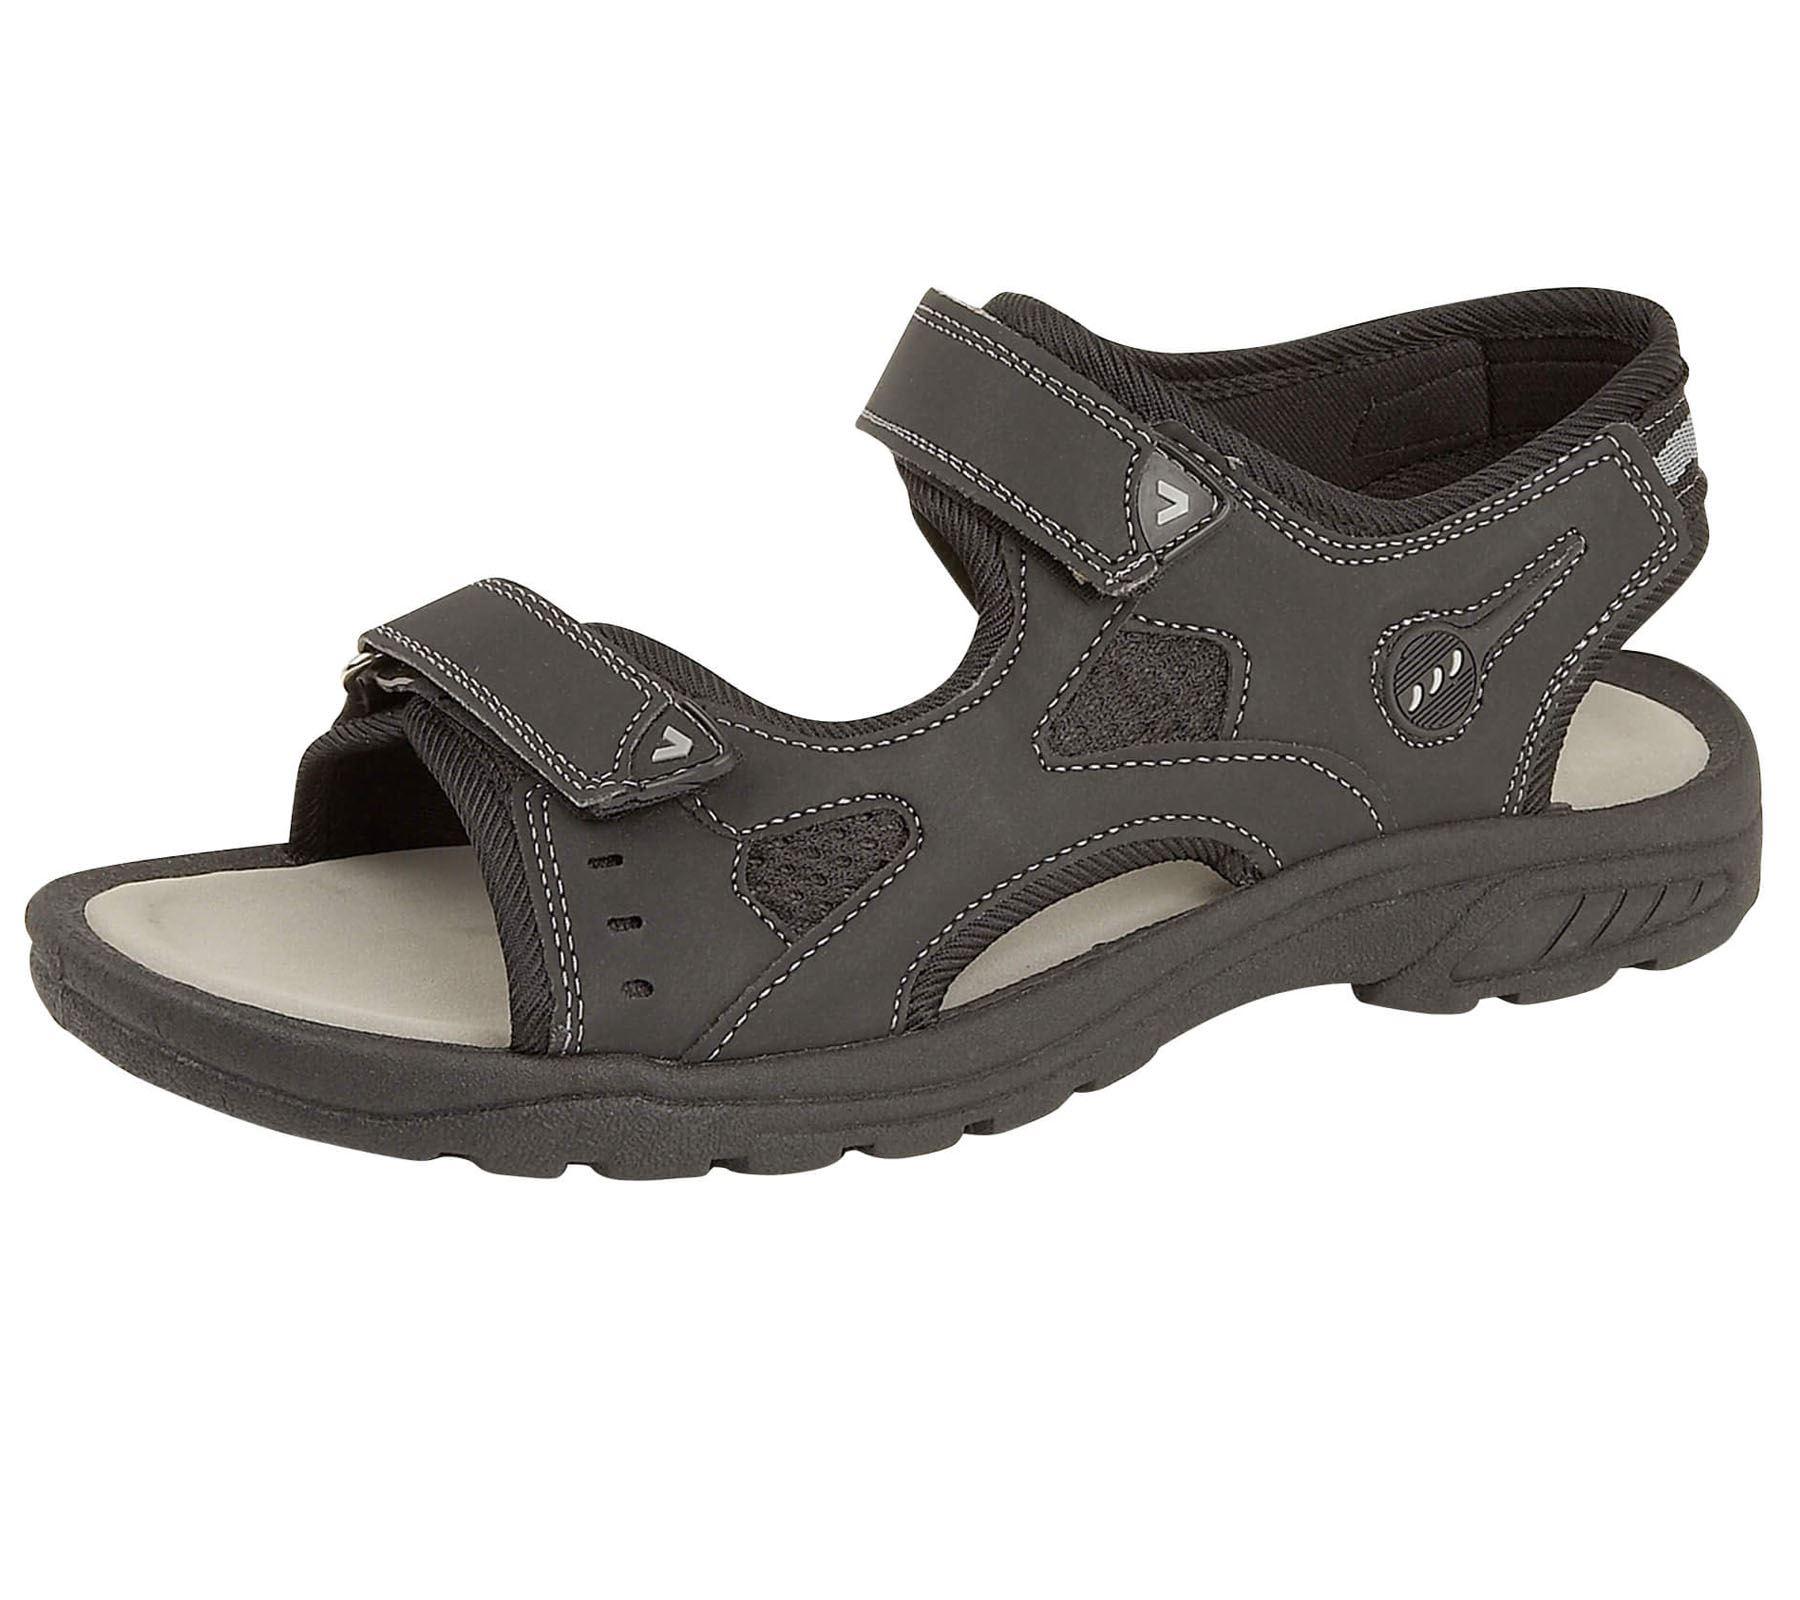 Mens-Sandals-Summer-Beach-Casual-Syenthatic-Sandals miniatura 6